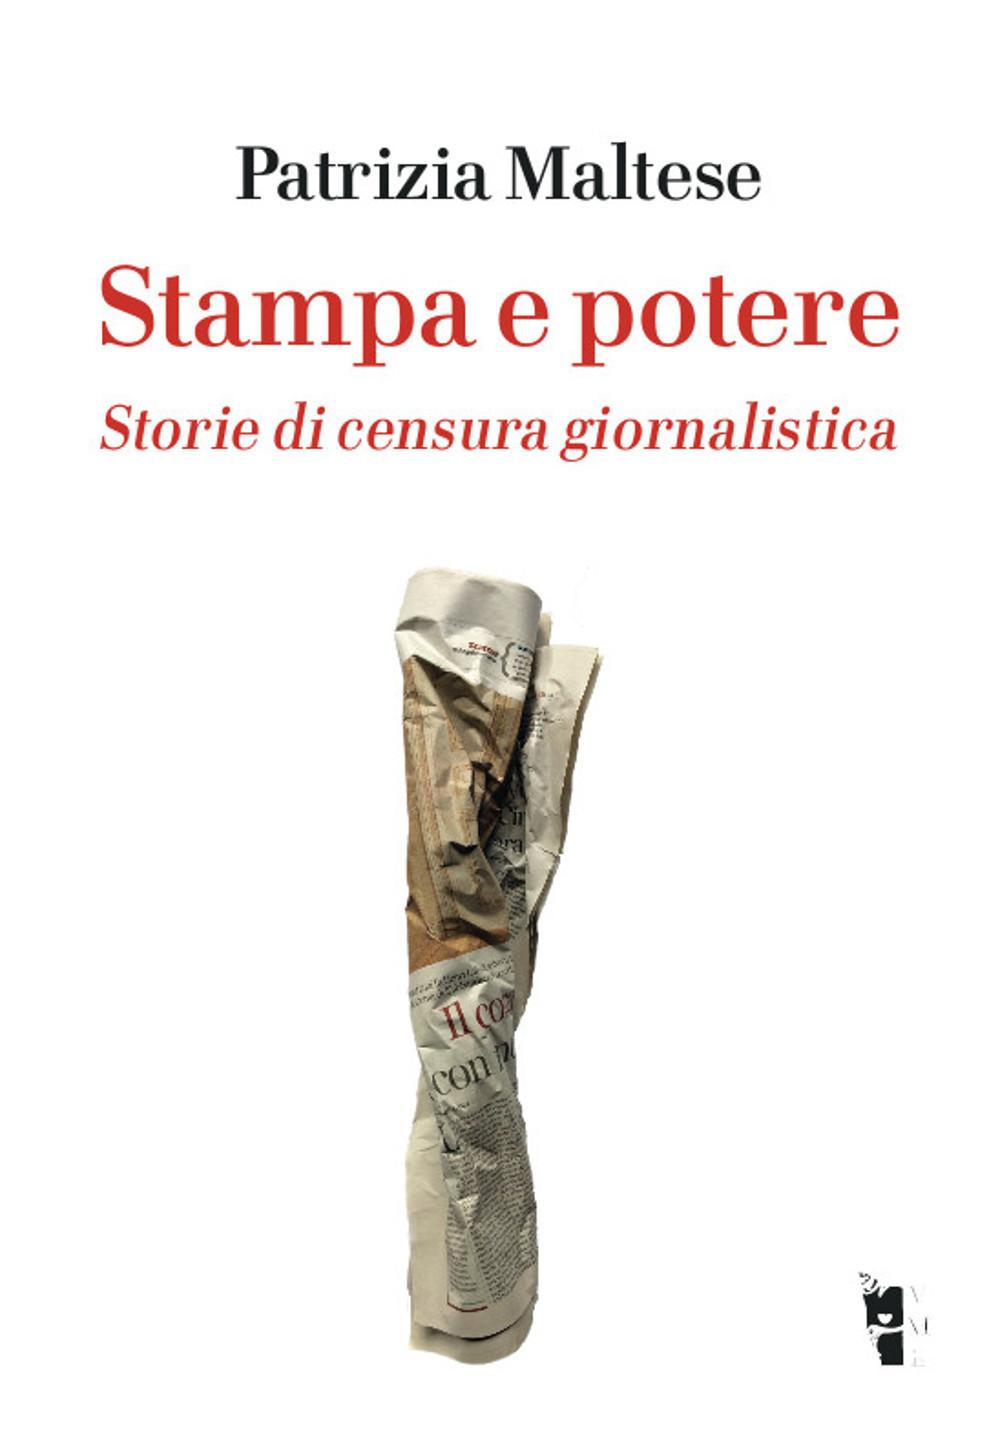 Patrizia Maltese - Stampa e potere. Storie di censura giornalistica